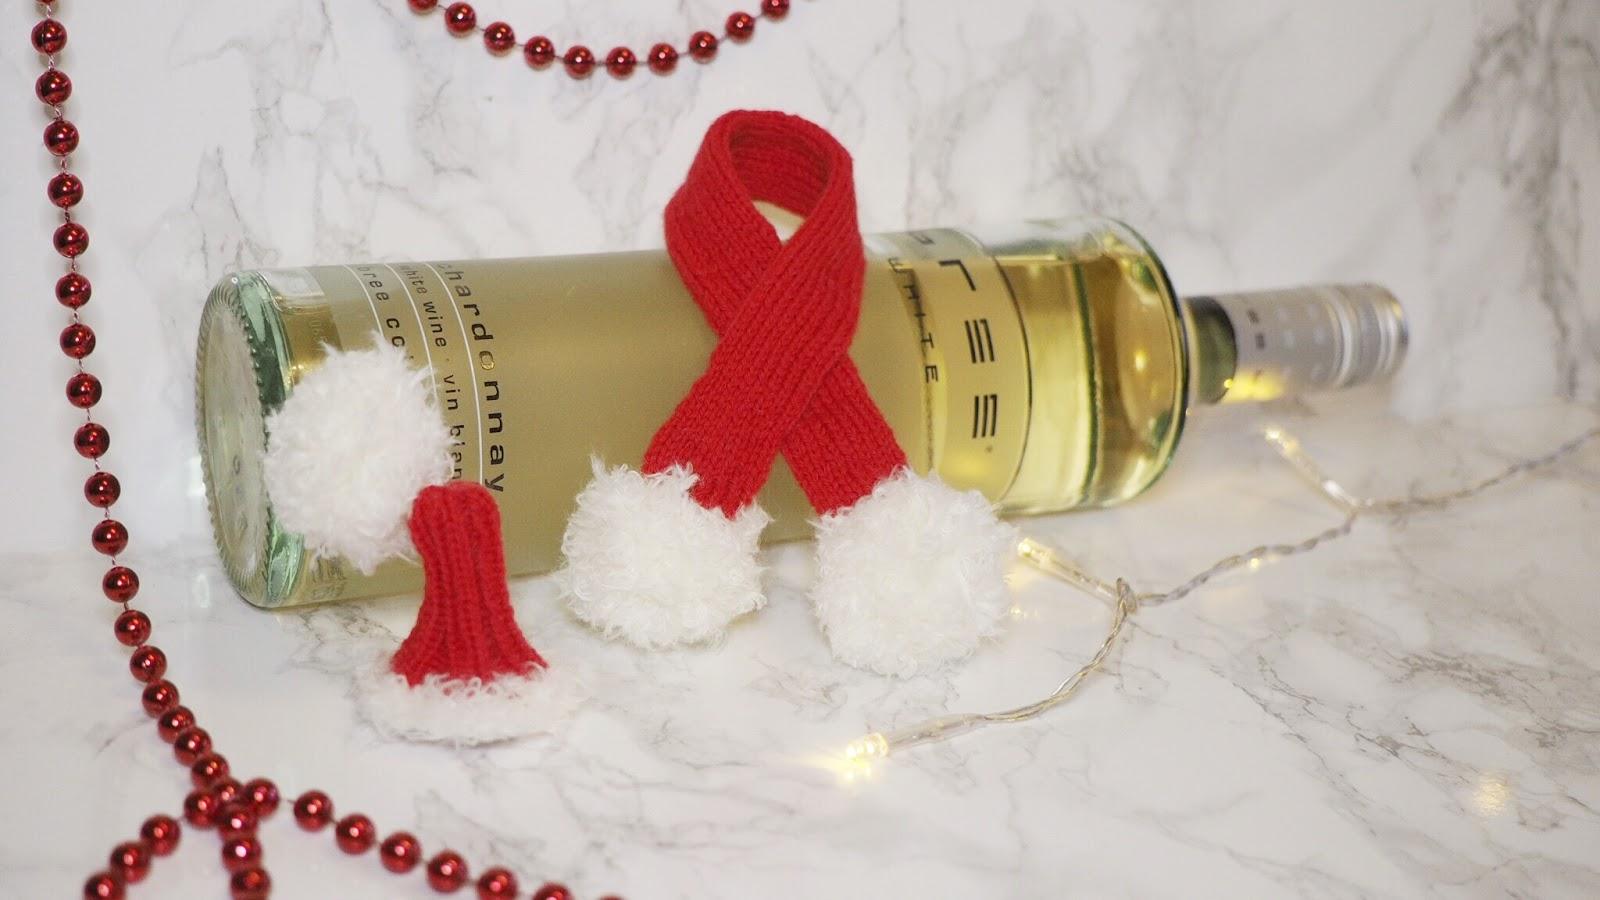 Mütze und Schal als Verpackung für Bree Wein